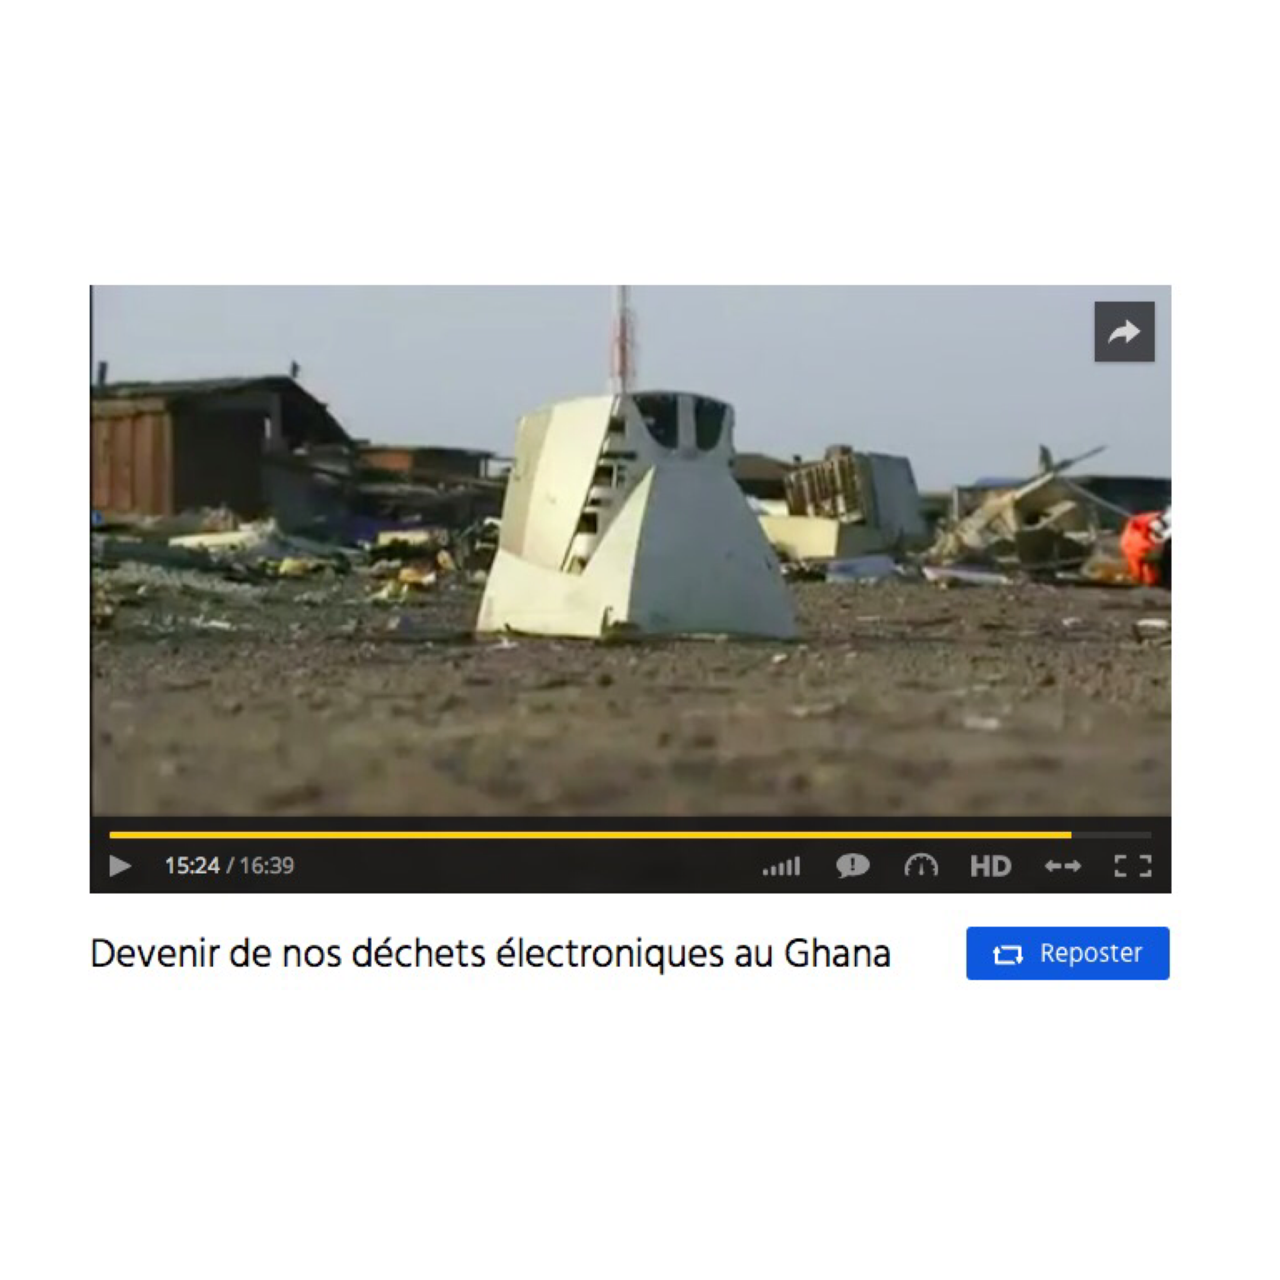 Devenir de nos déchets électroniques au Ghana